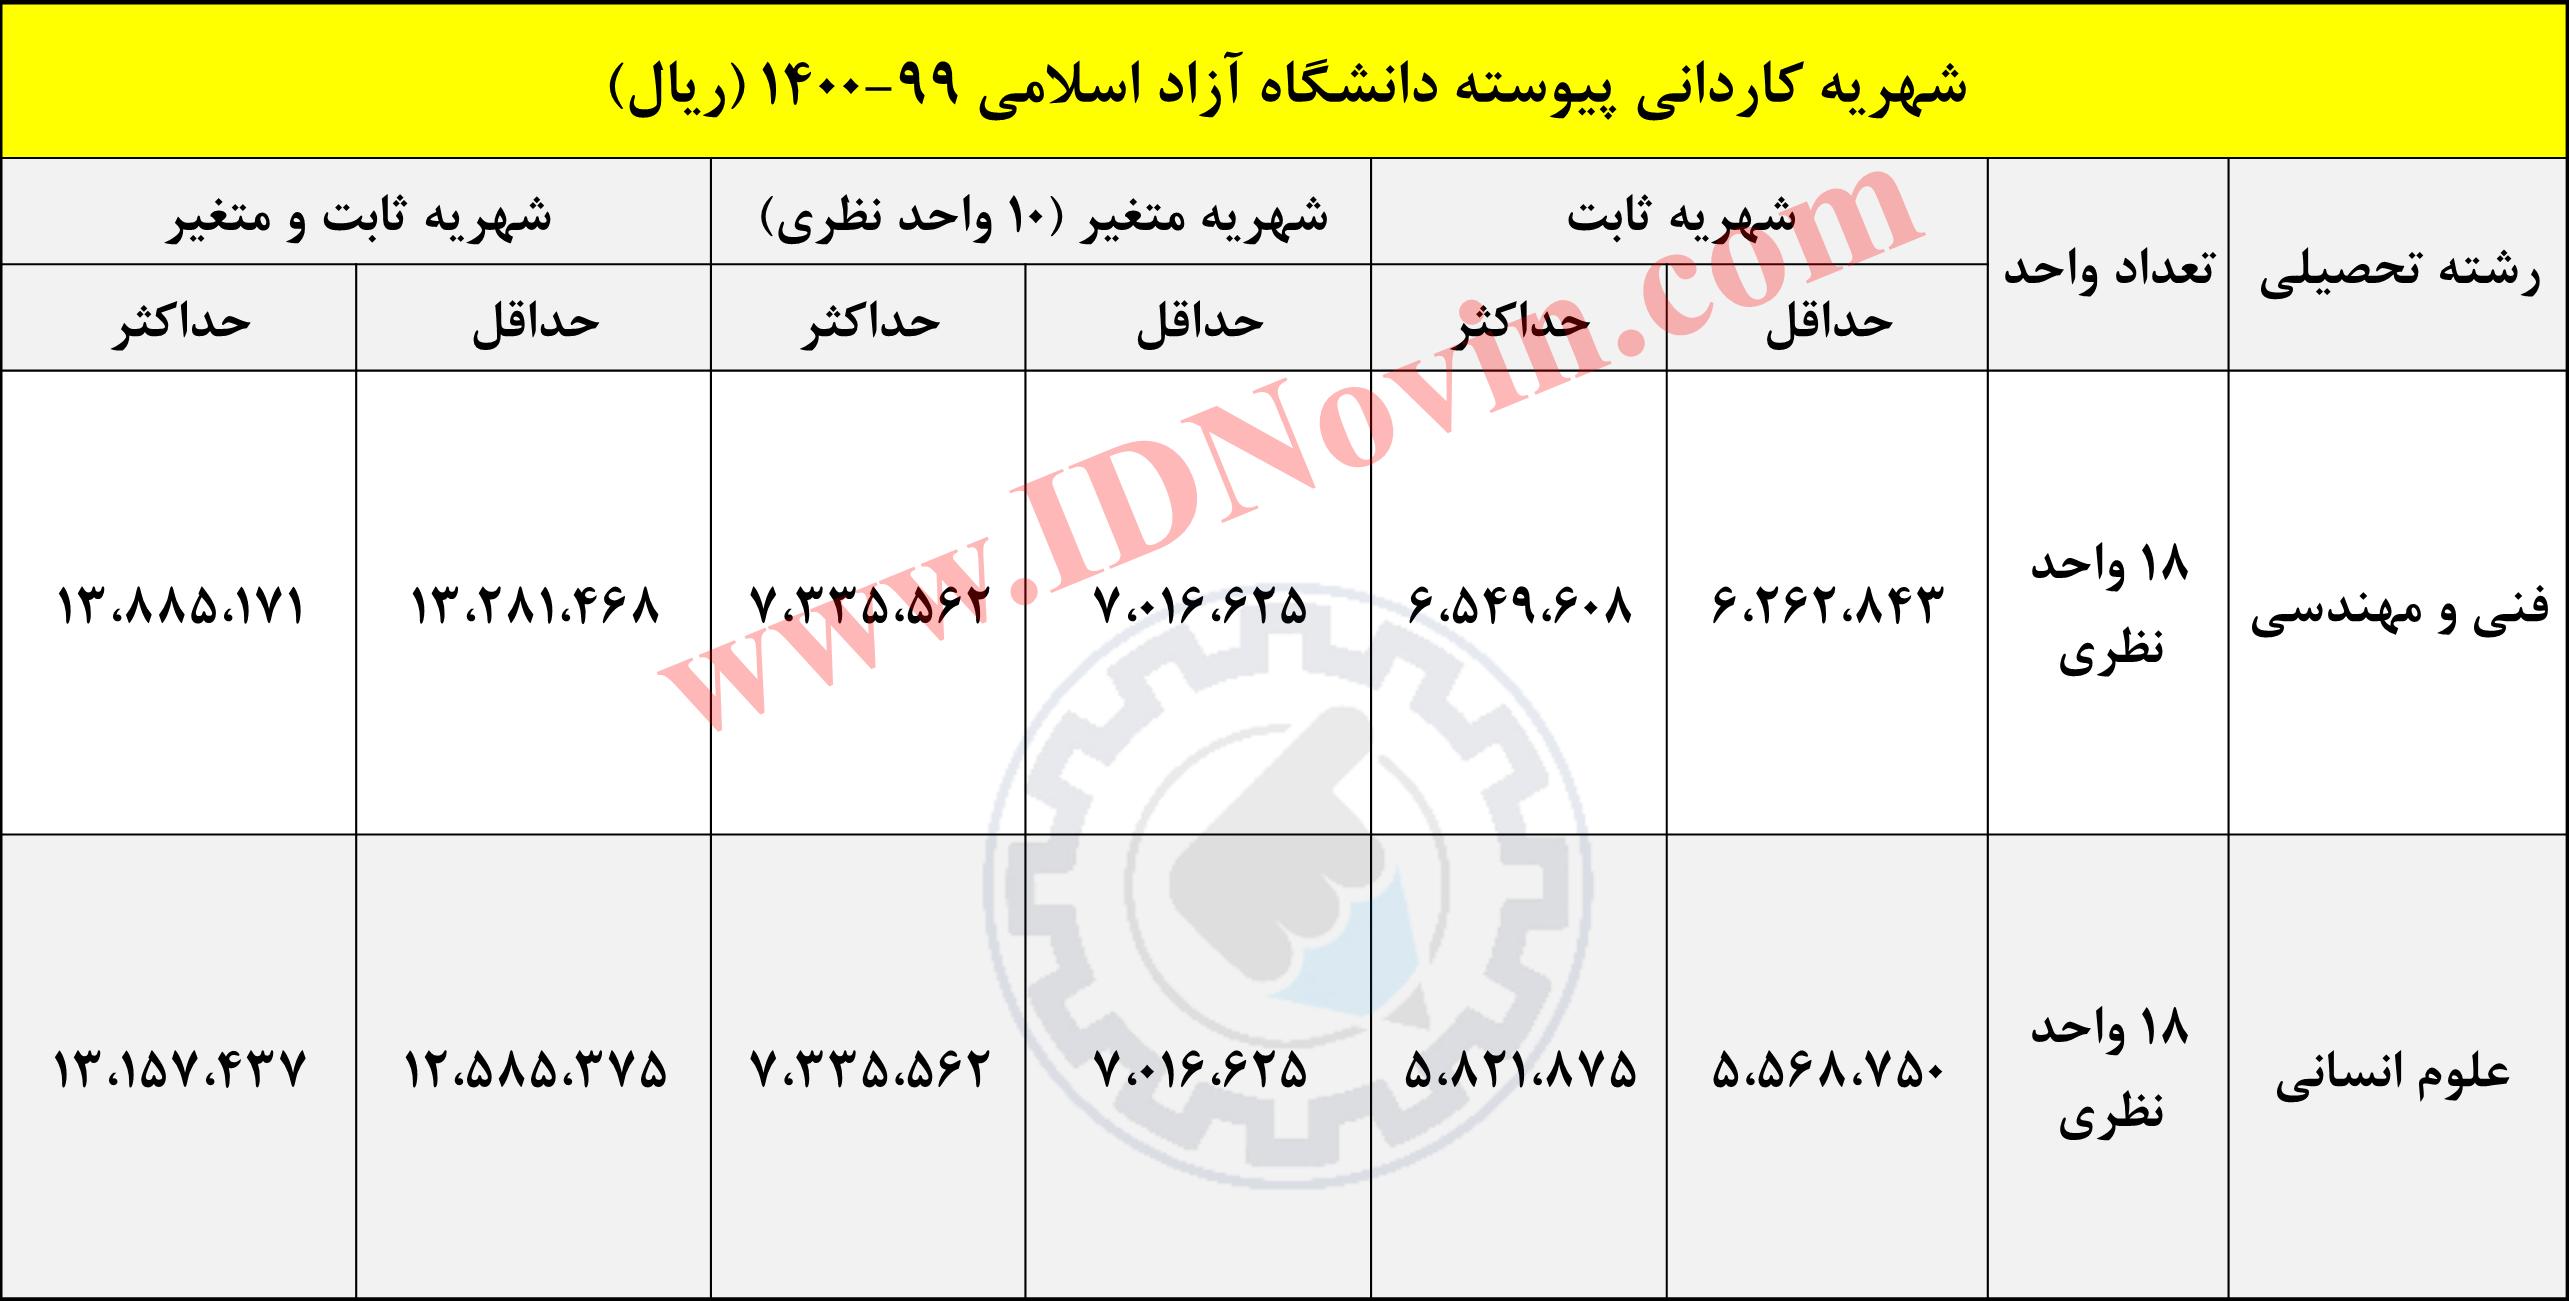 شهریه کاردانی پیوسته دانشگاه آزاد اسلامی 99-1400 (ریال)